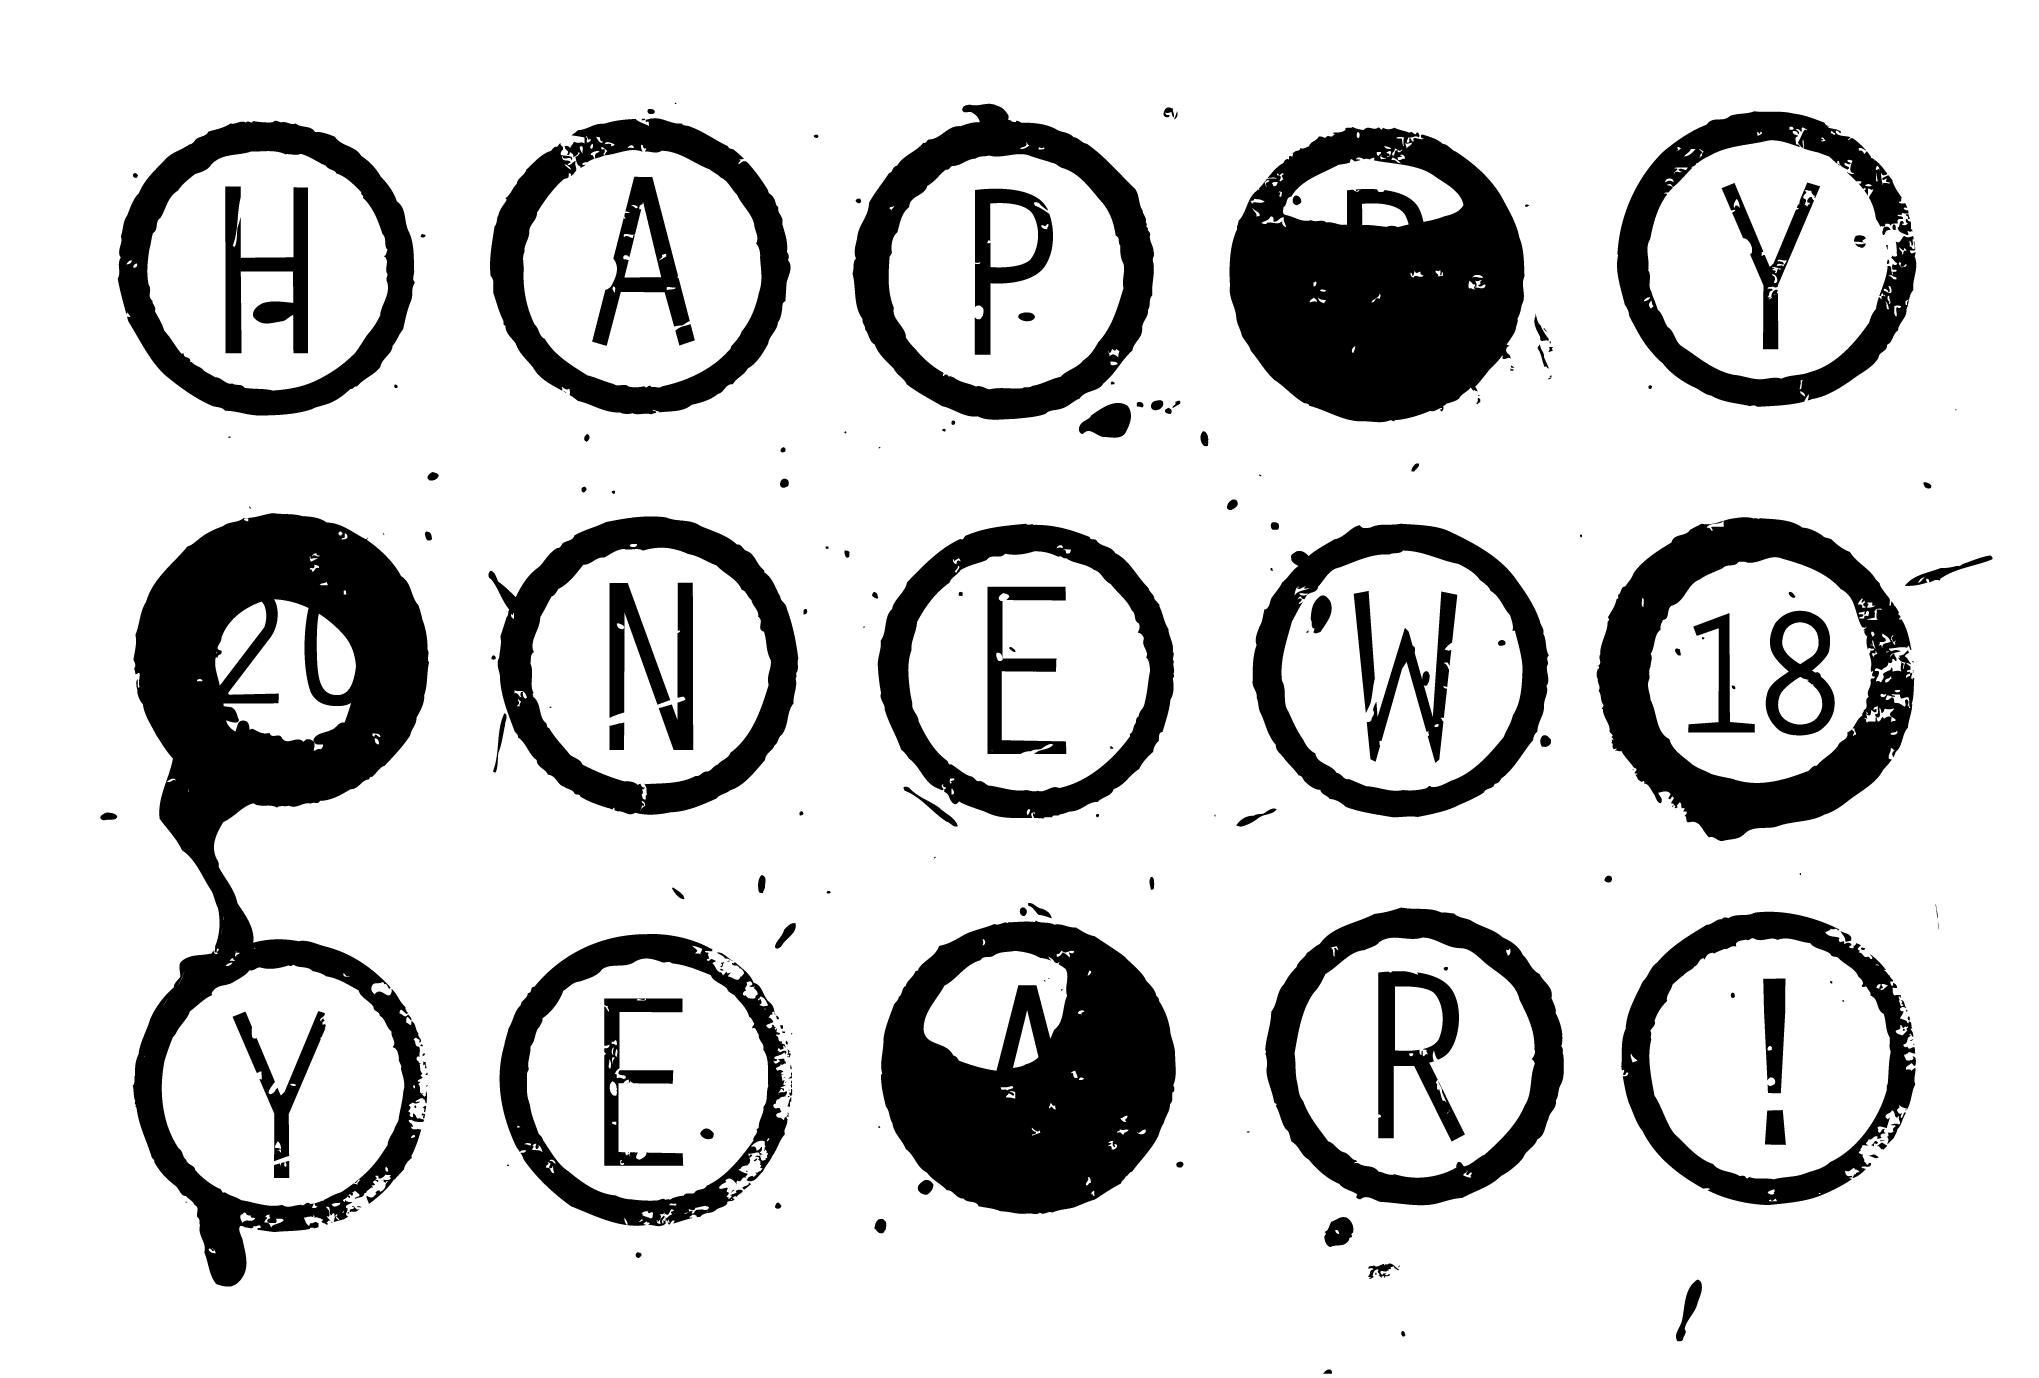 2018年賀状02-1:Circle 2018 / 1のダウンロード画像